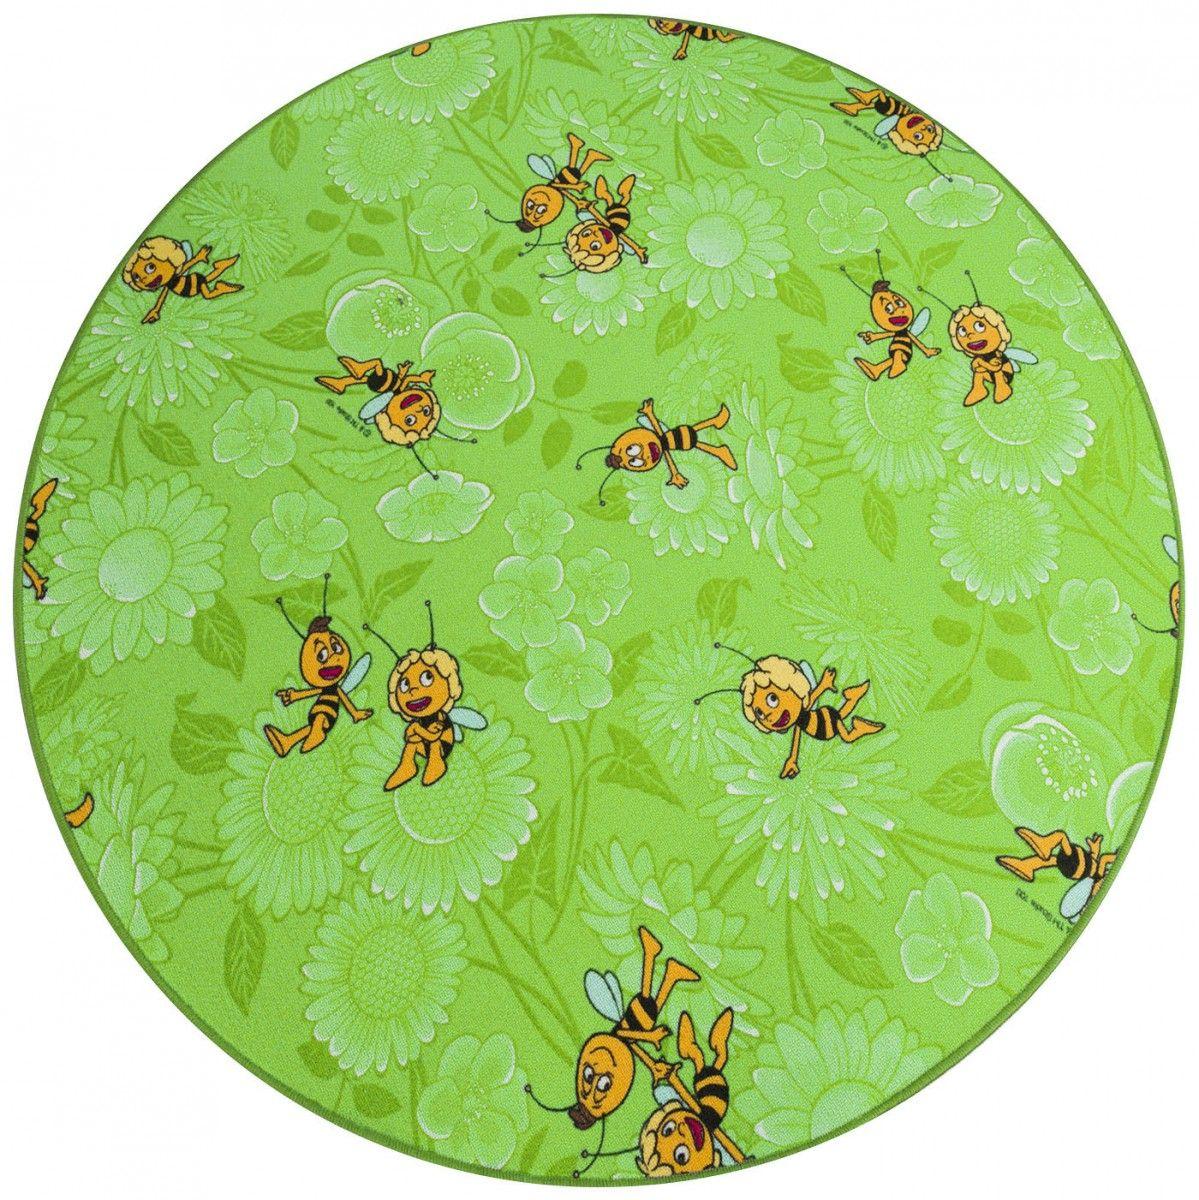 Biene Maja Kinderzimmer biene maja teppich grün rund! für alle kinderzimmer geeignet | so